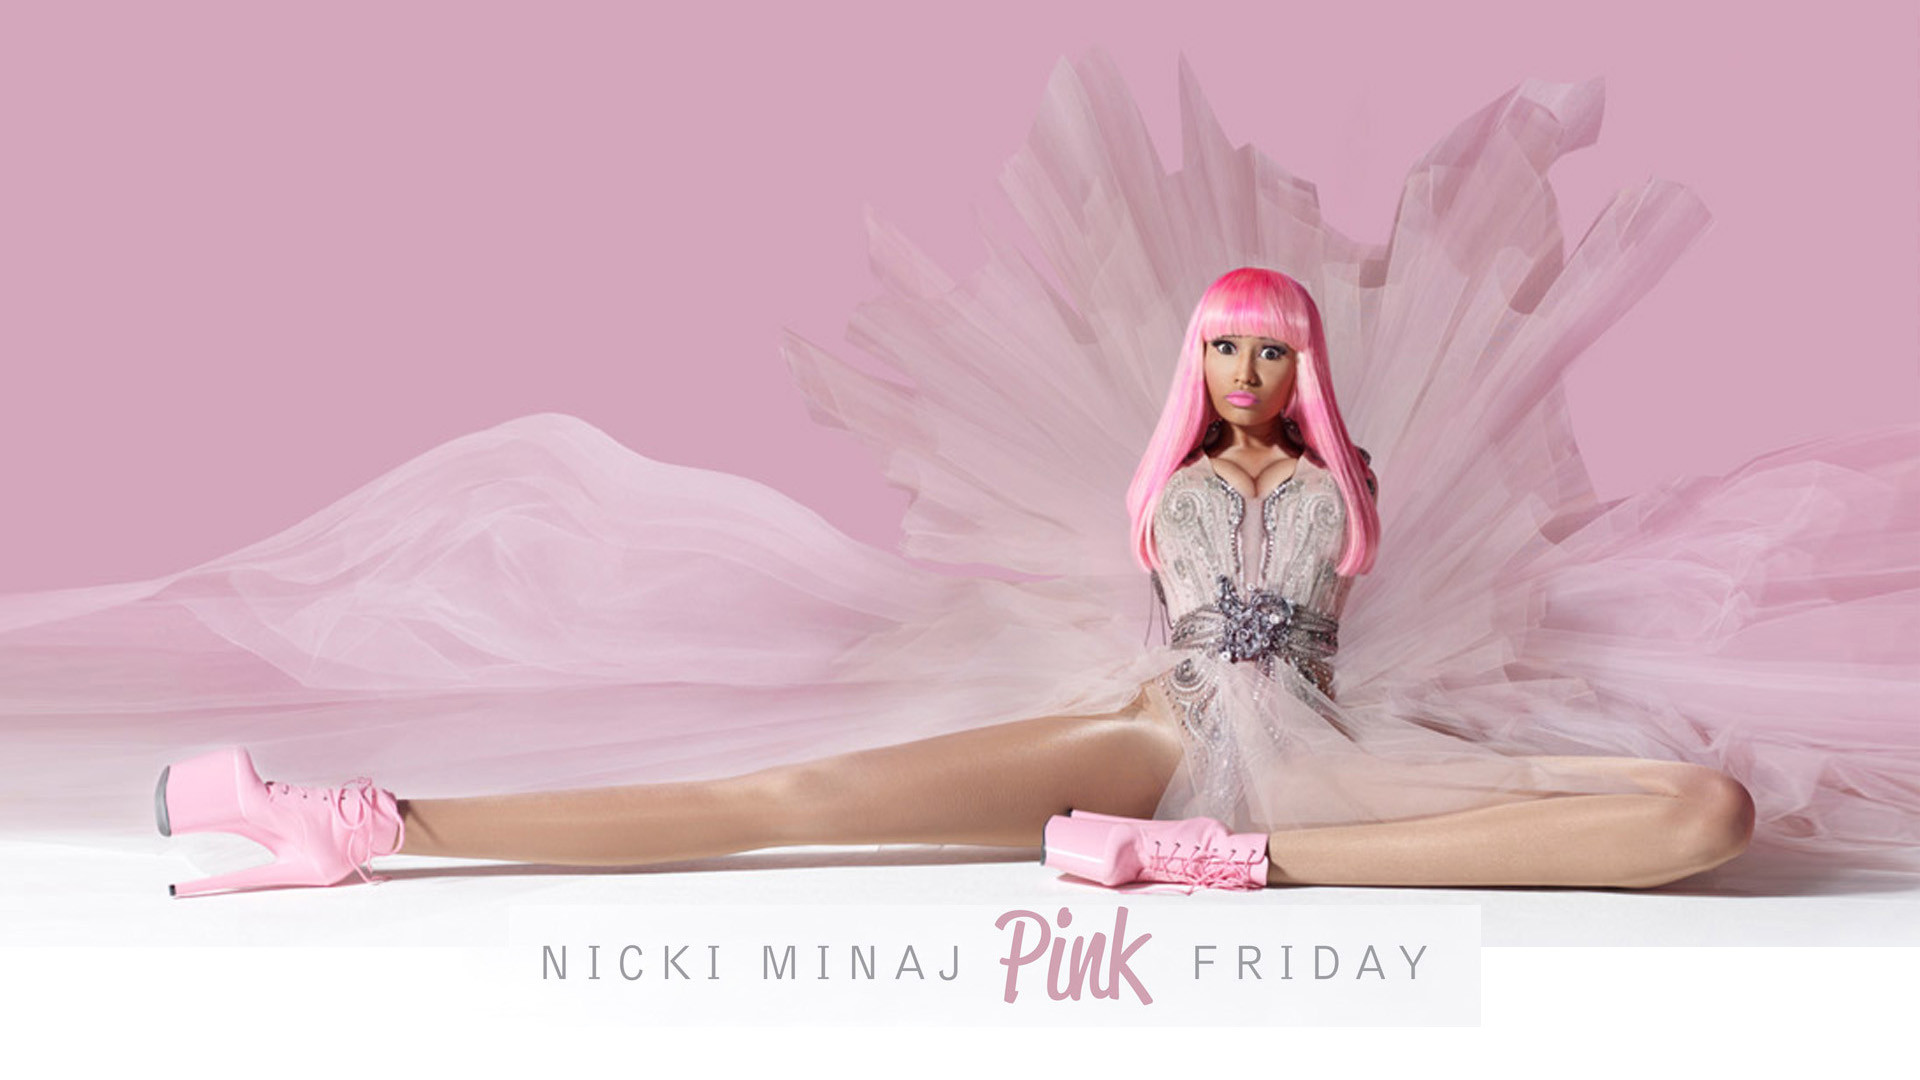 Nicki Minaj Wallpaper Desktop 63 Images